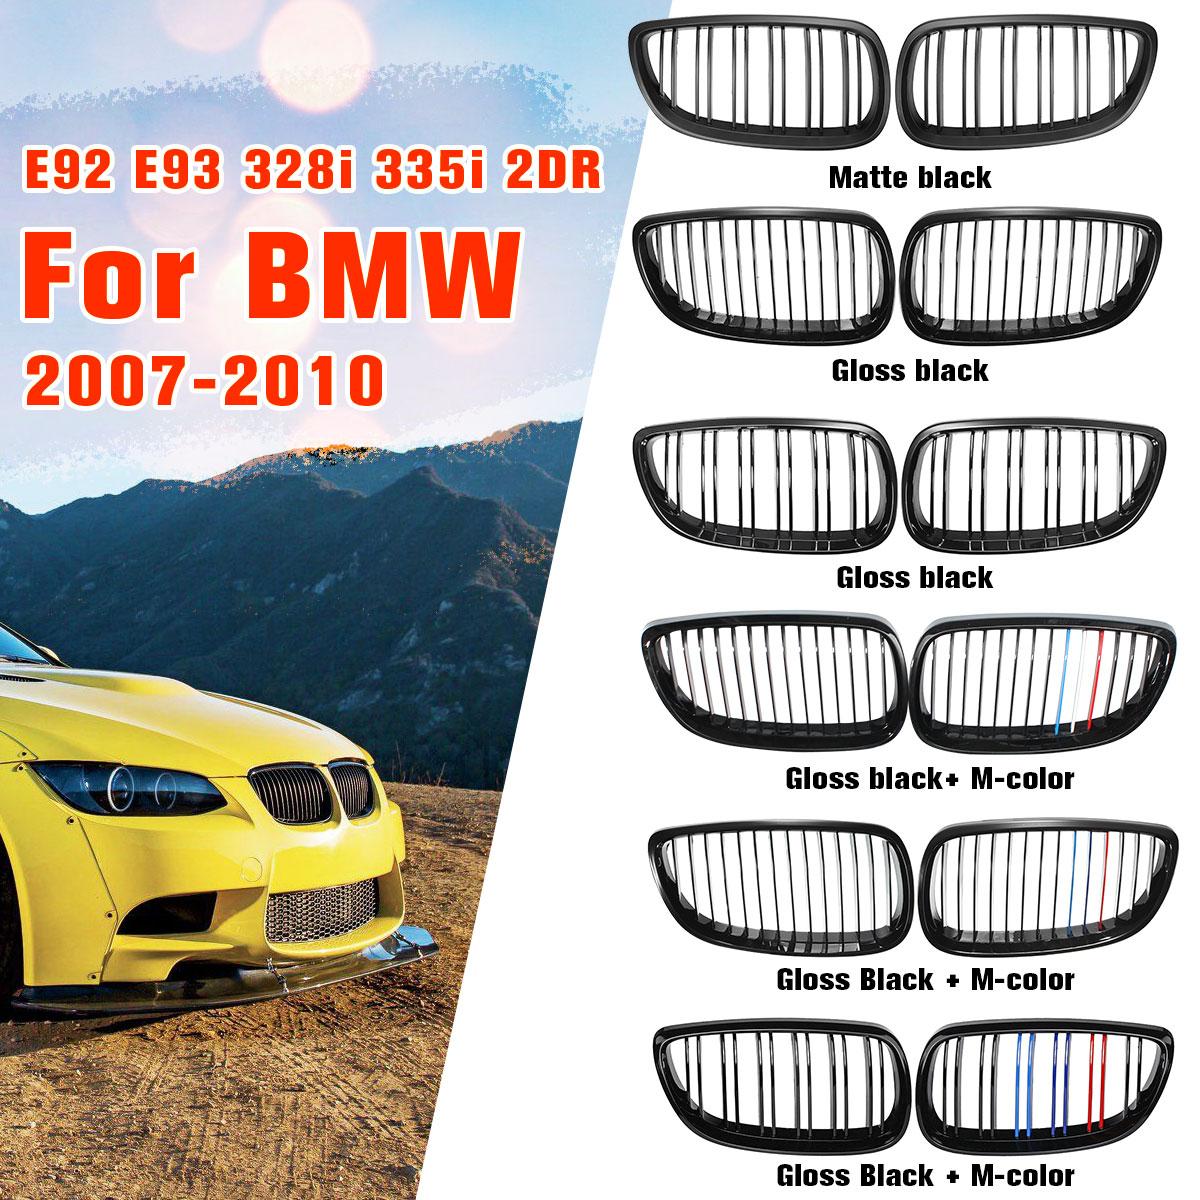 גלוס מט שחור M-צבע כפול קו קדמי גריל כליות גריל עבור BMW E92 E93 M3 328i 335i 2 דלת 2007 2008 2009 רכב סטיילינג